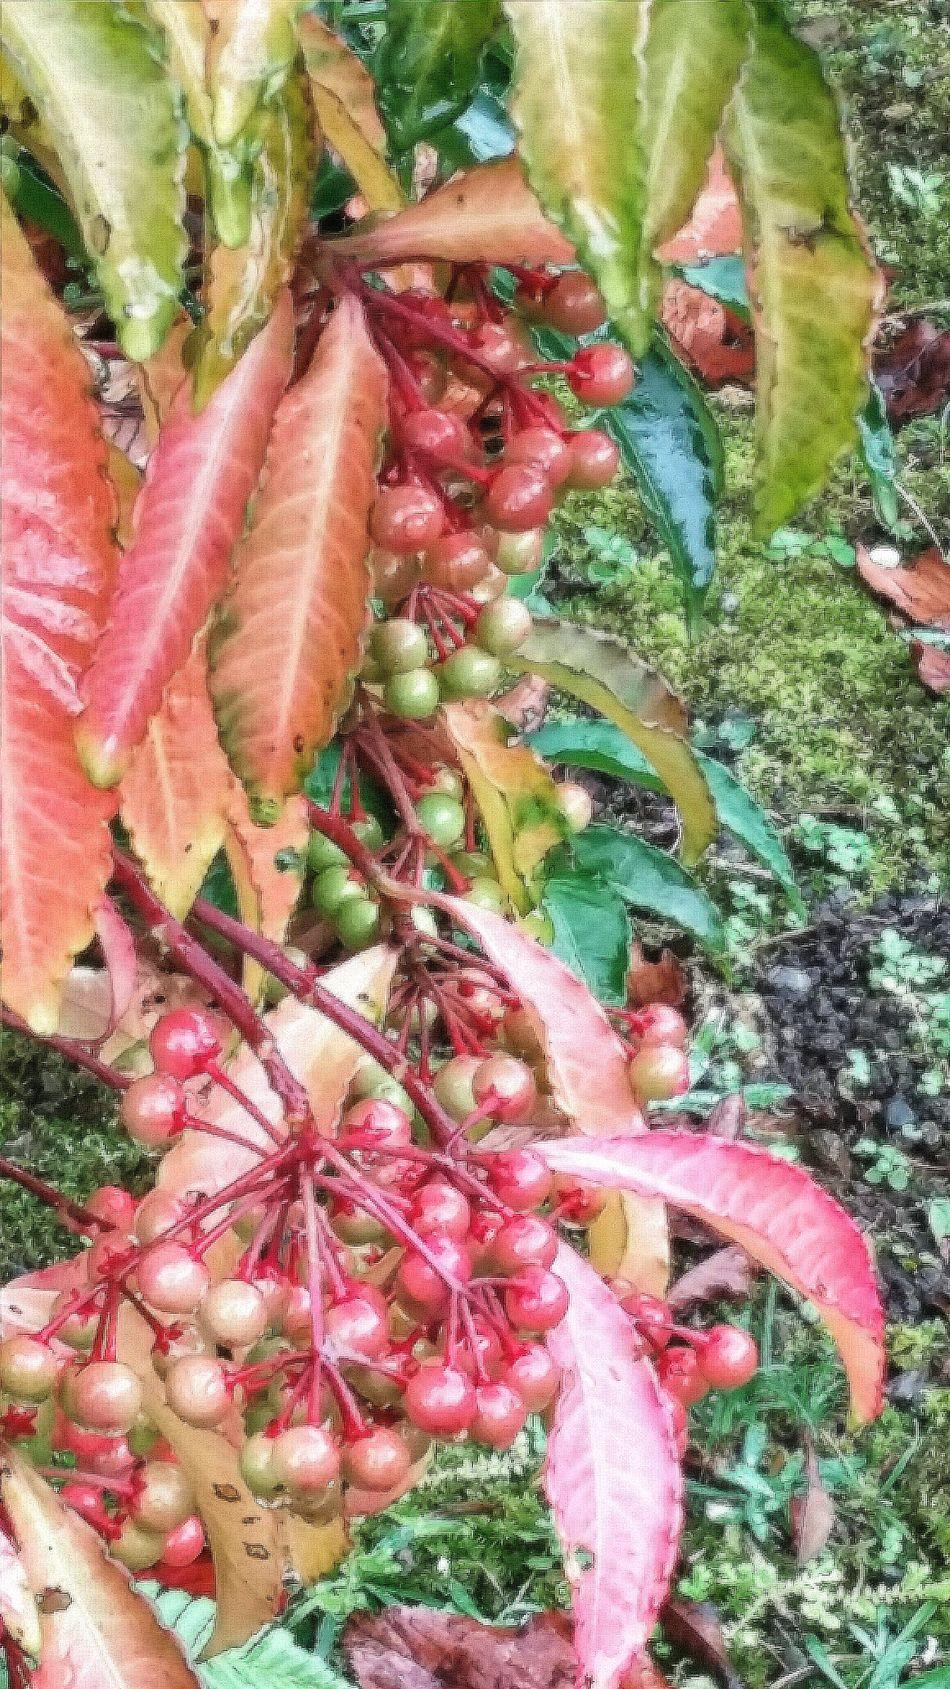 Berries Nature Nature_collection Nature Photography EyeEm Nature Lover Naturelover Autumn 2015 Tokyo Autumn 2015 Tokyo Nature Tokyo Japan Travelphotography Koishikawa Korakuen